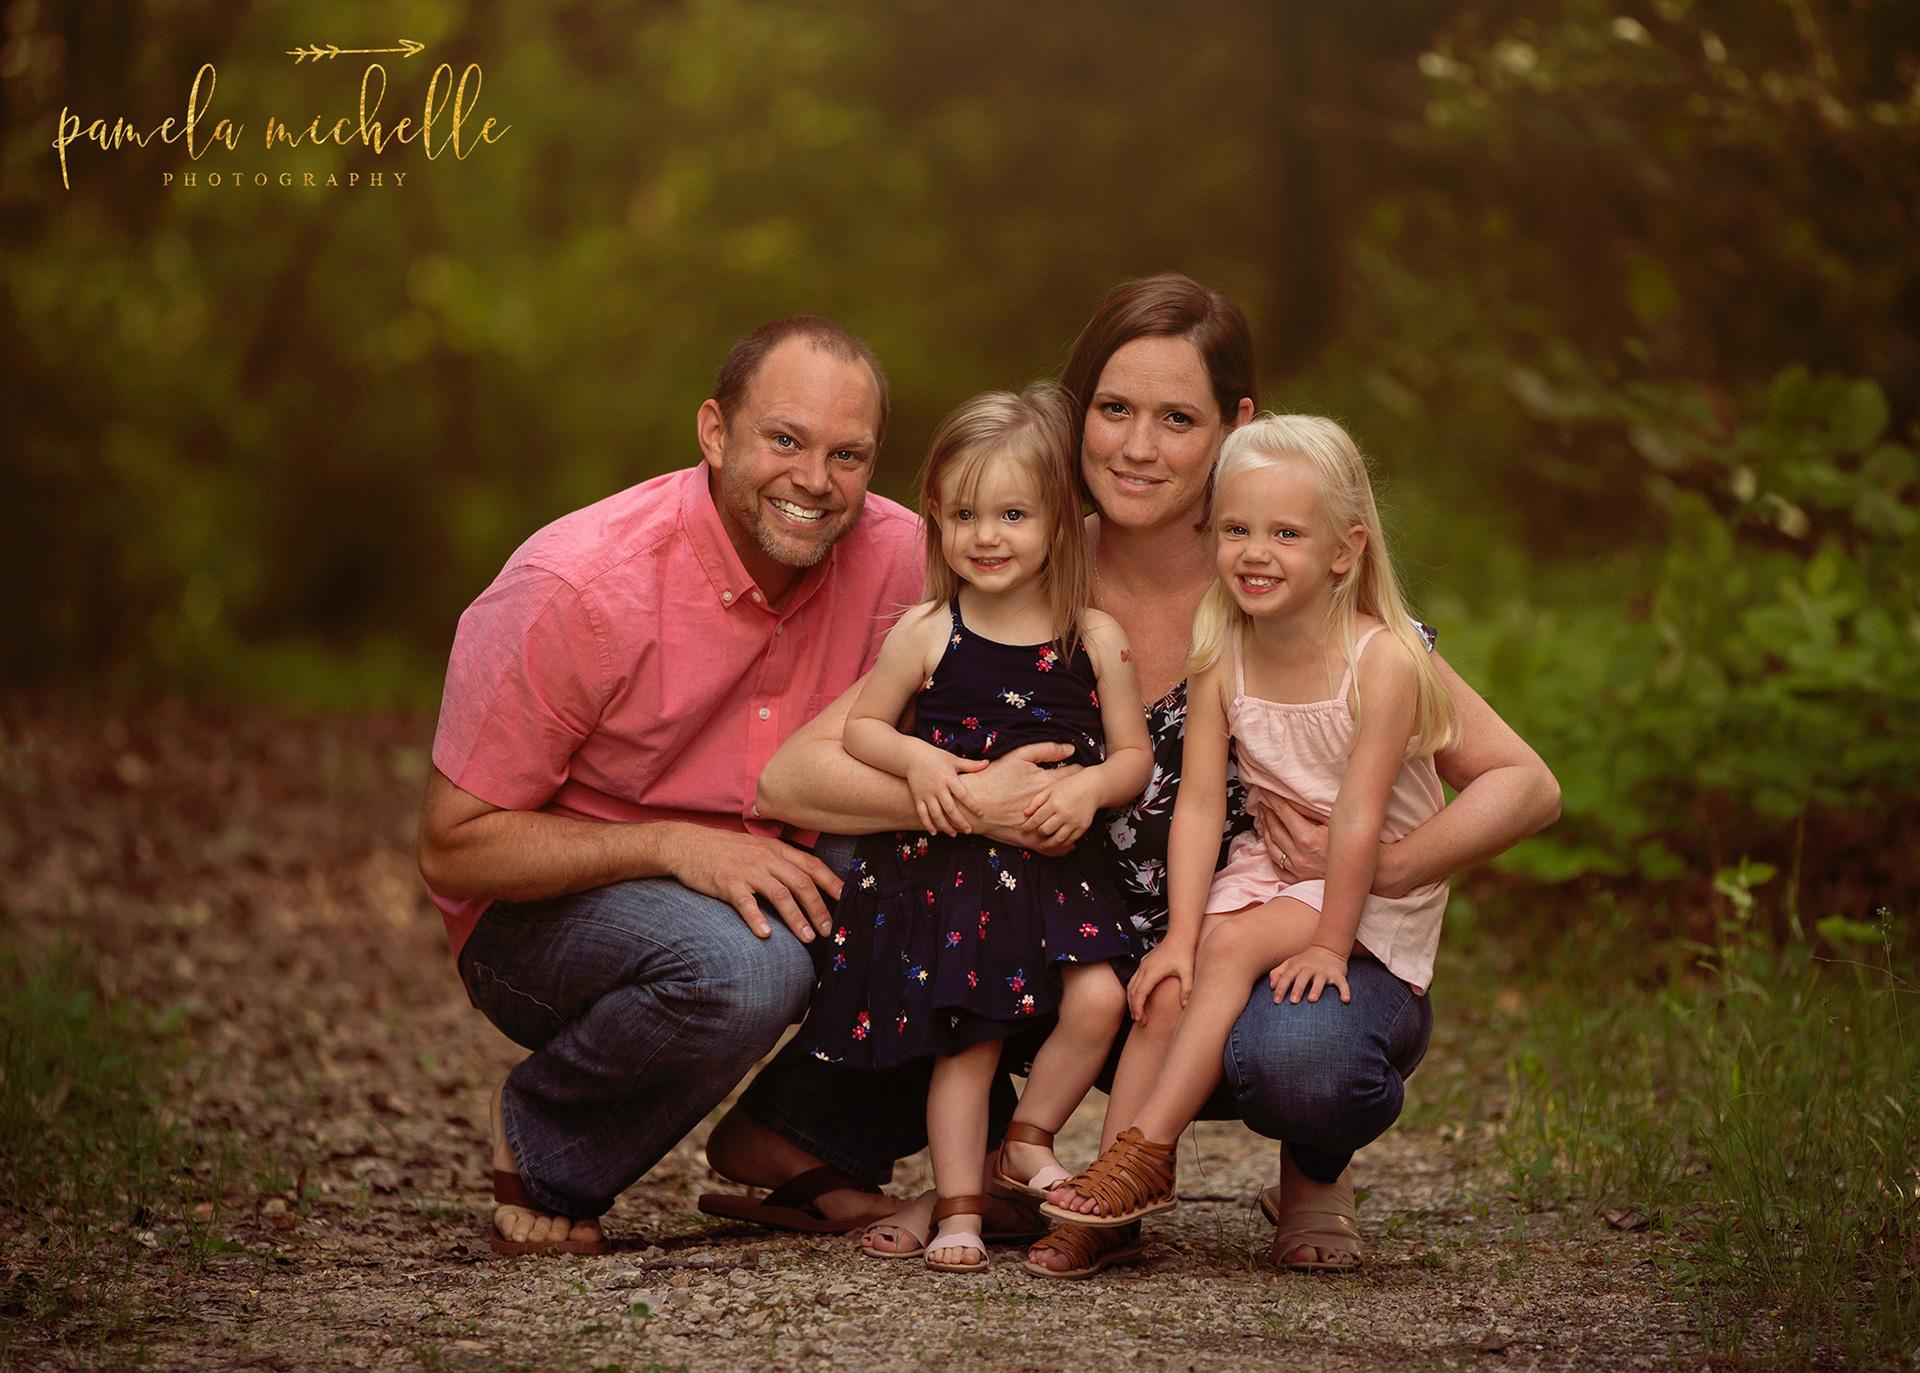 Pamela Michelle Photography - Families